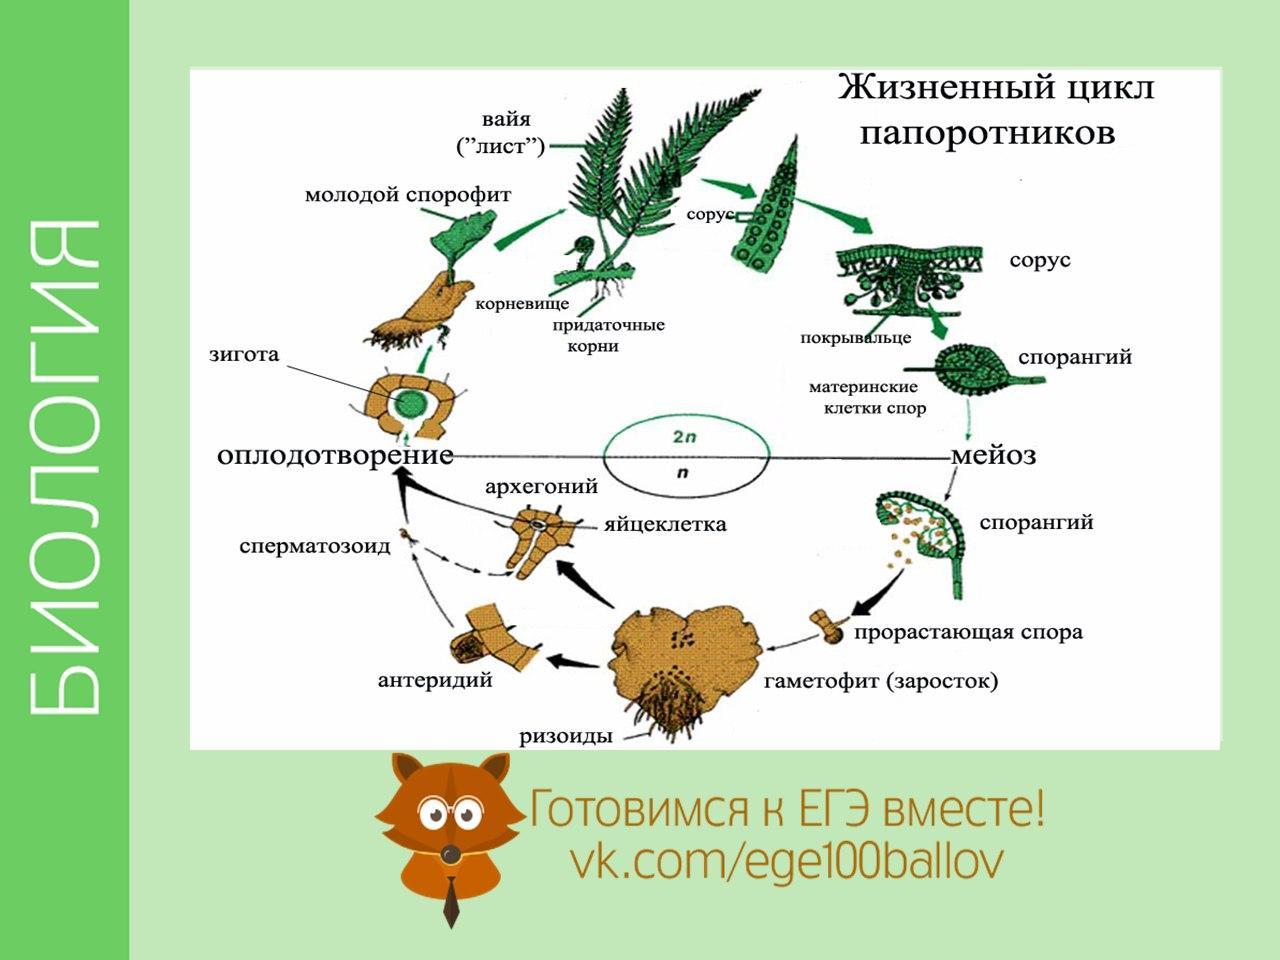 цикл развития папоротника схема с набором хромосом